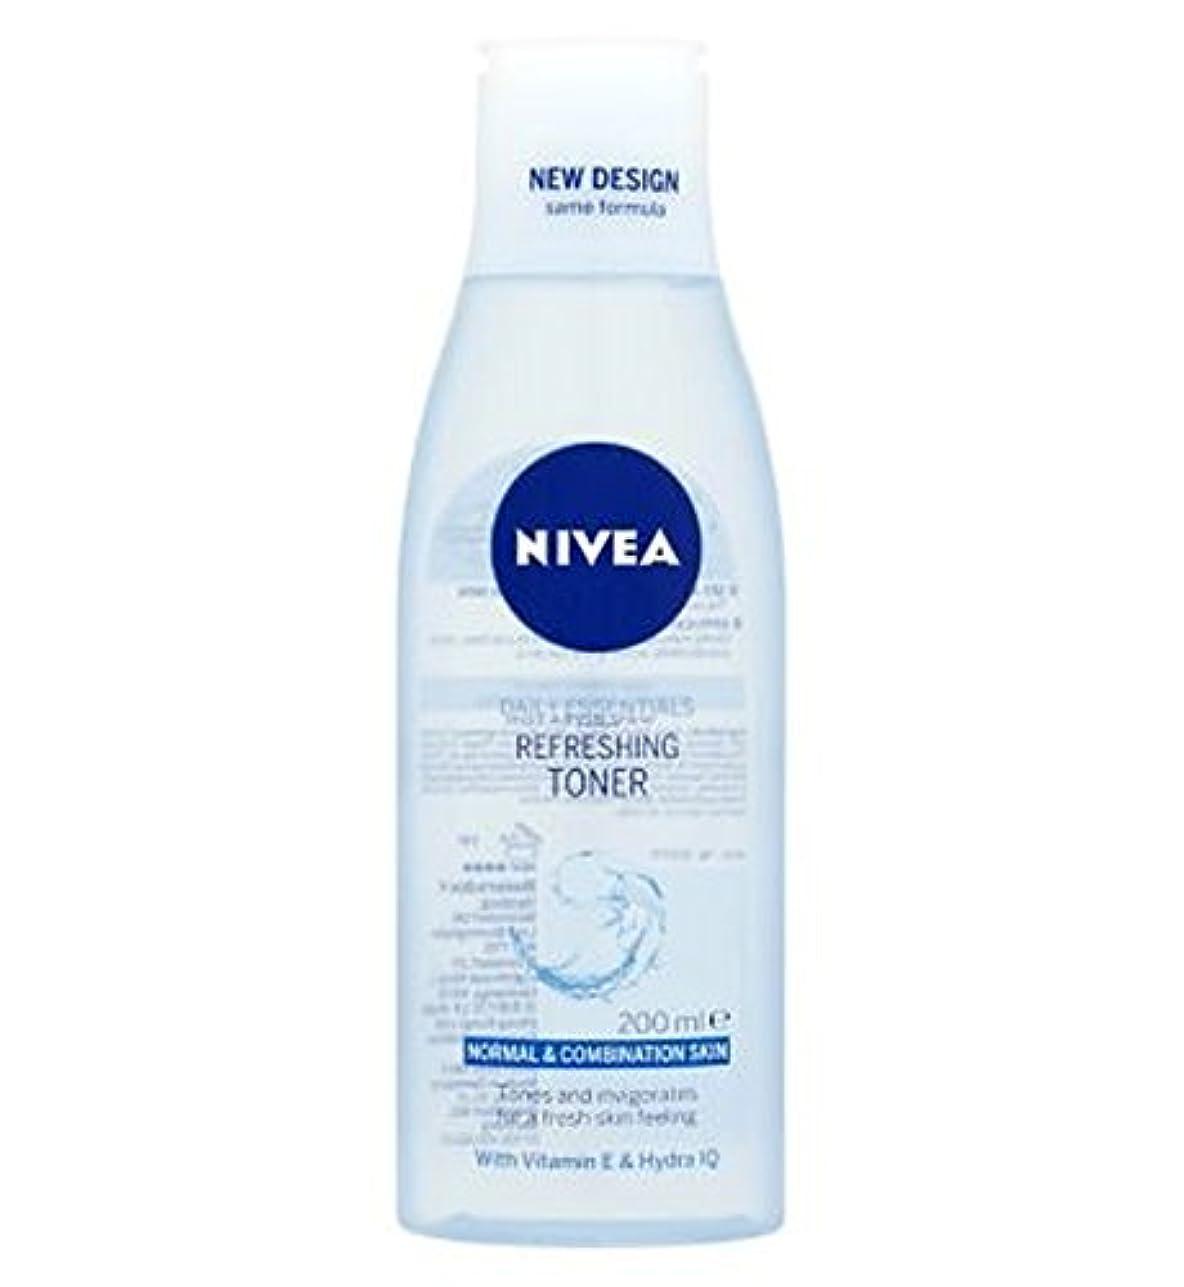 罰レイプ有効トナー200ミリリットルをリフレッシュニベア生活必需品 (Nivea) (x2) - Nivea Daily Essentials Refreshing Toner 200ml (Pack of 2) [並行輸入品]